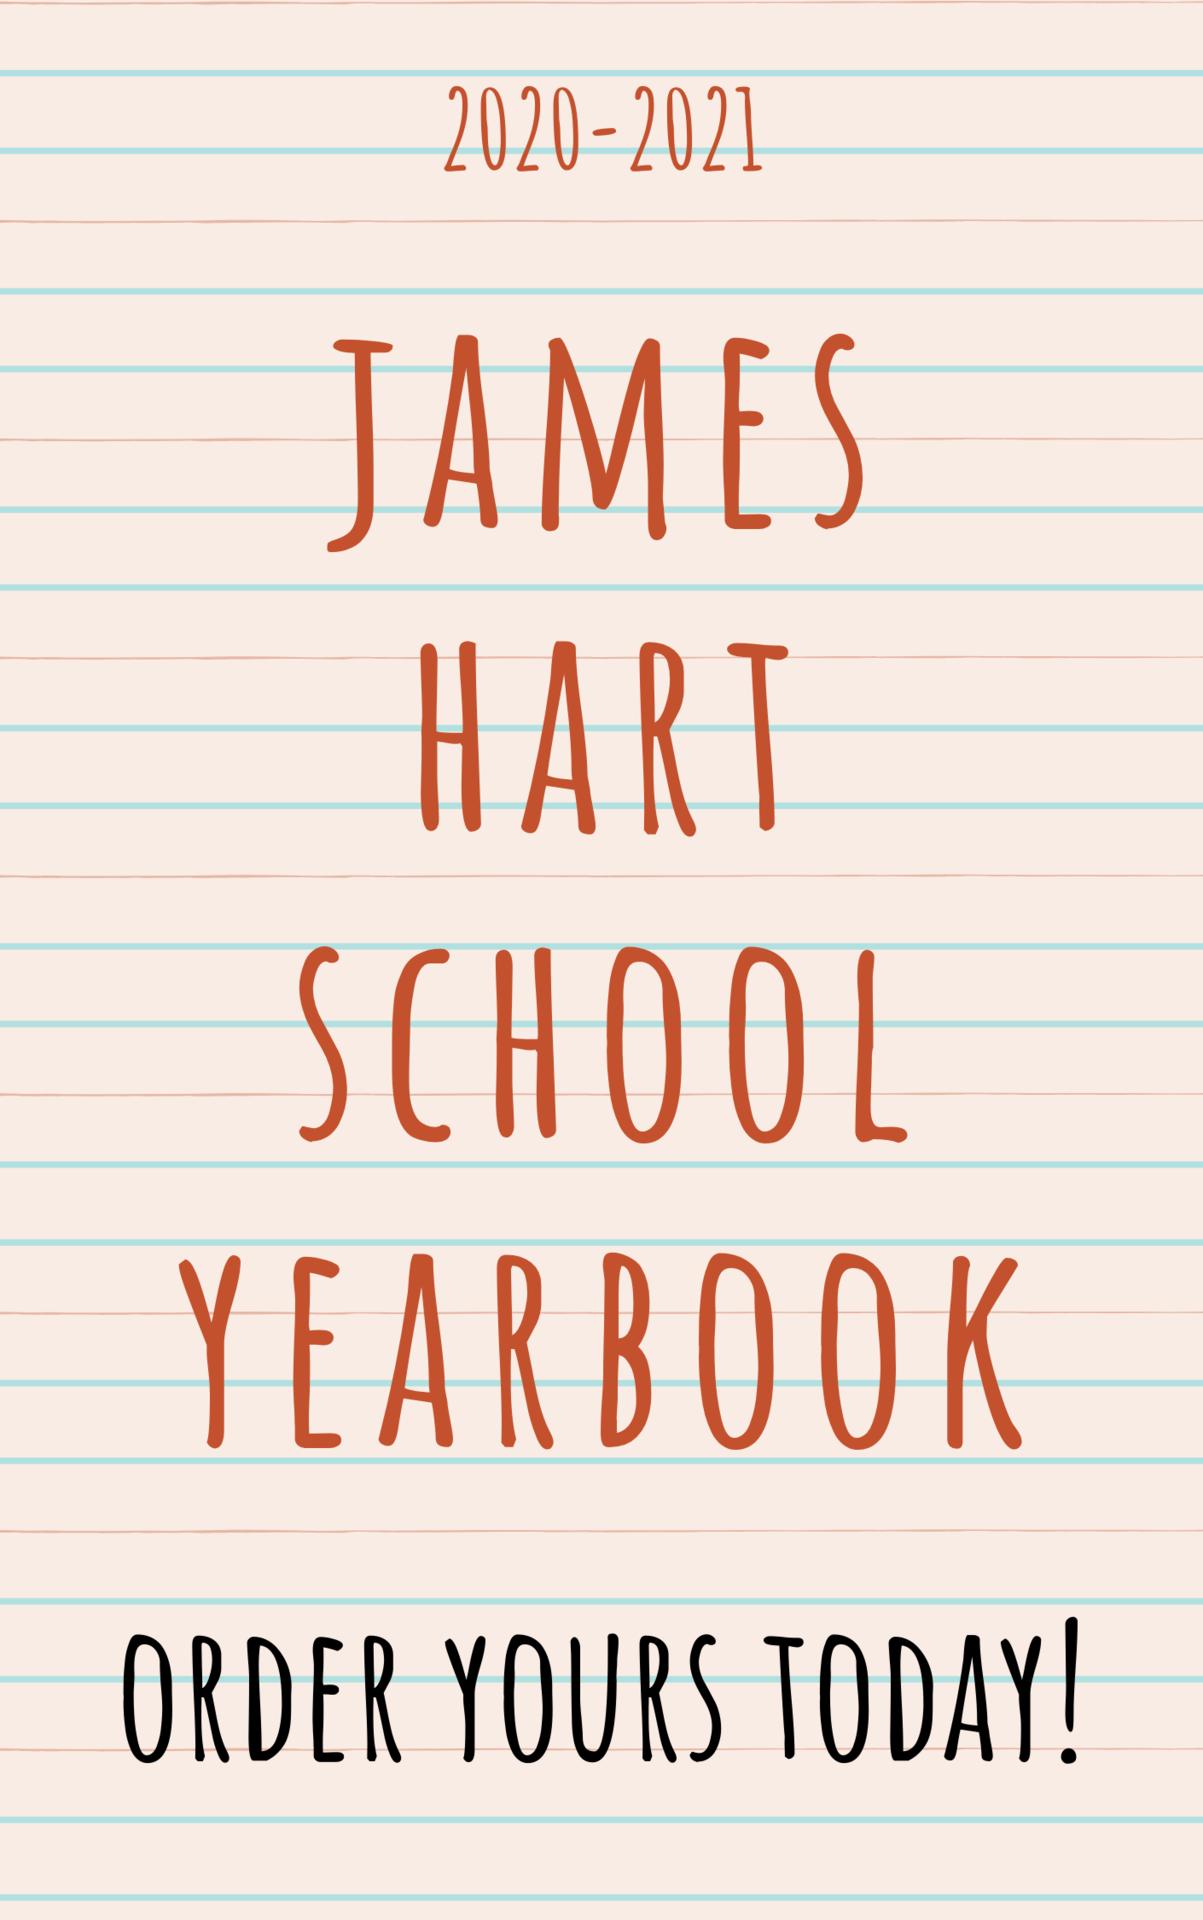 James Hart yearbook order